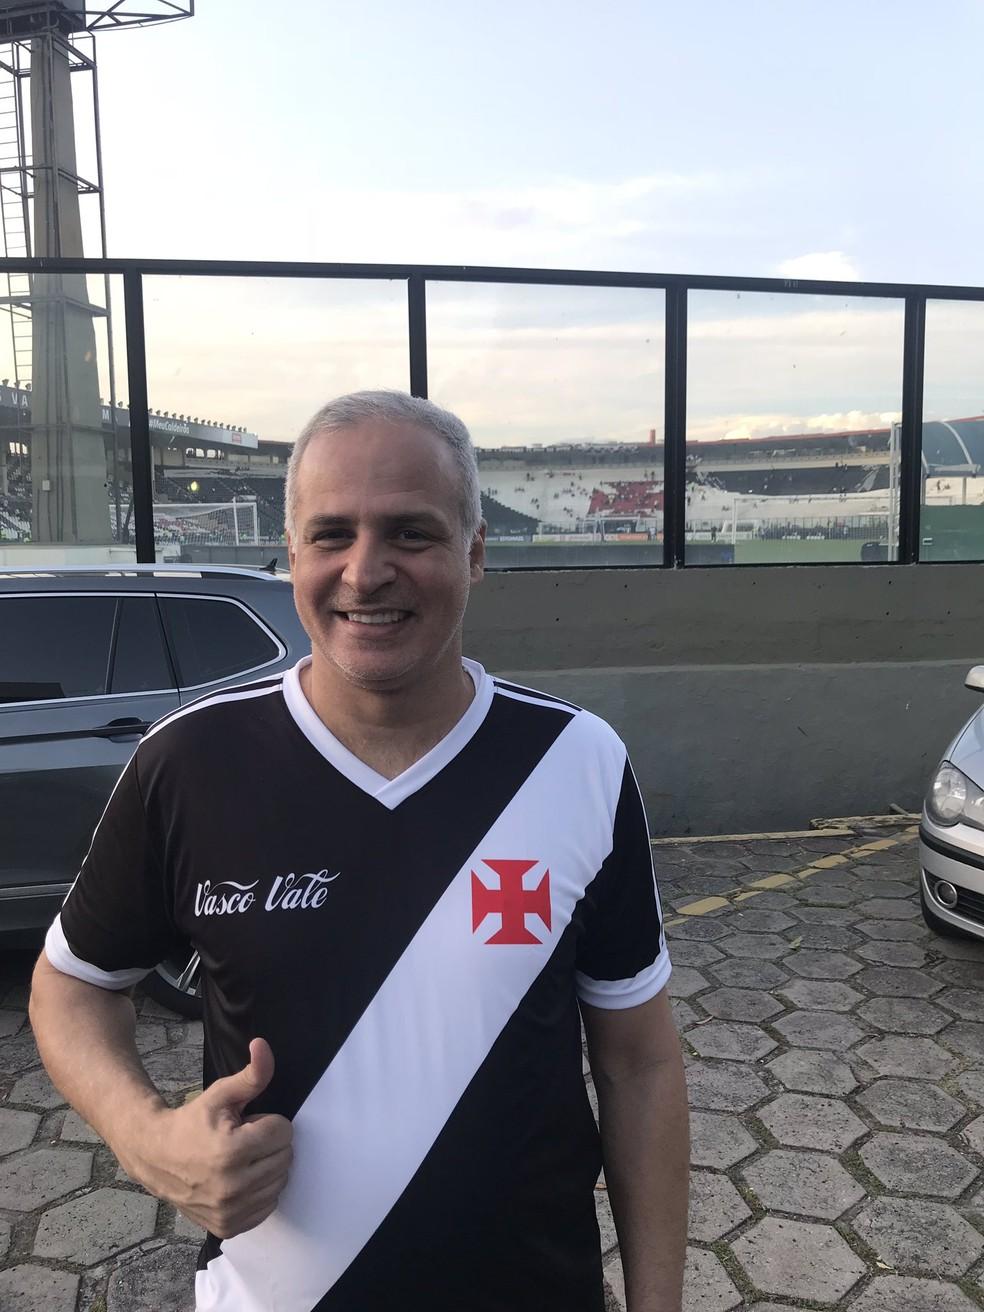 Carlos Leão, novo VP de finanças, em São Januário — Foto: Reprodução/Twitter Carlos Leão